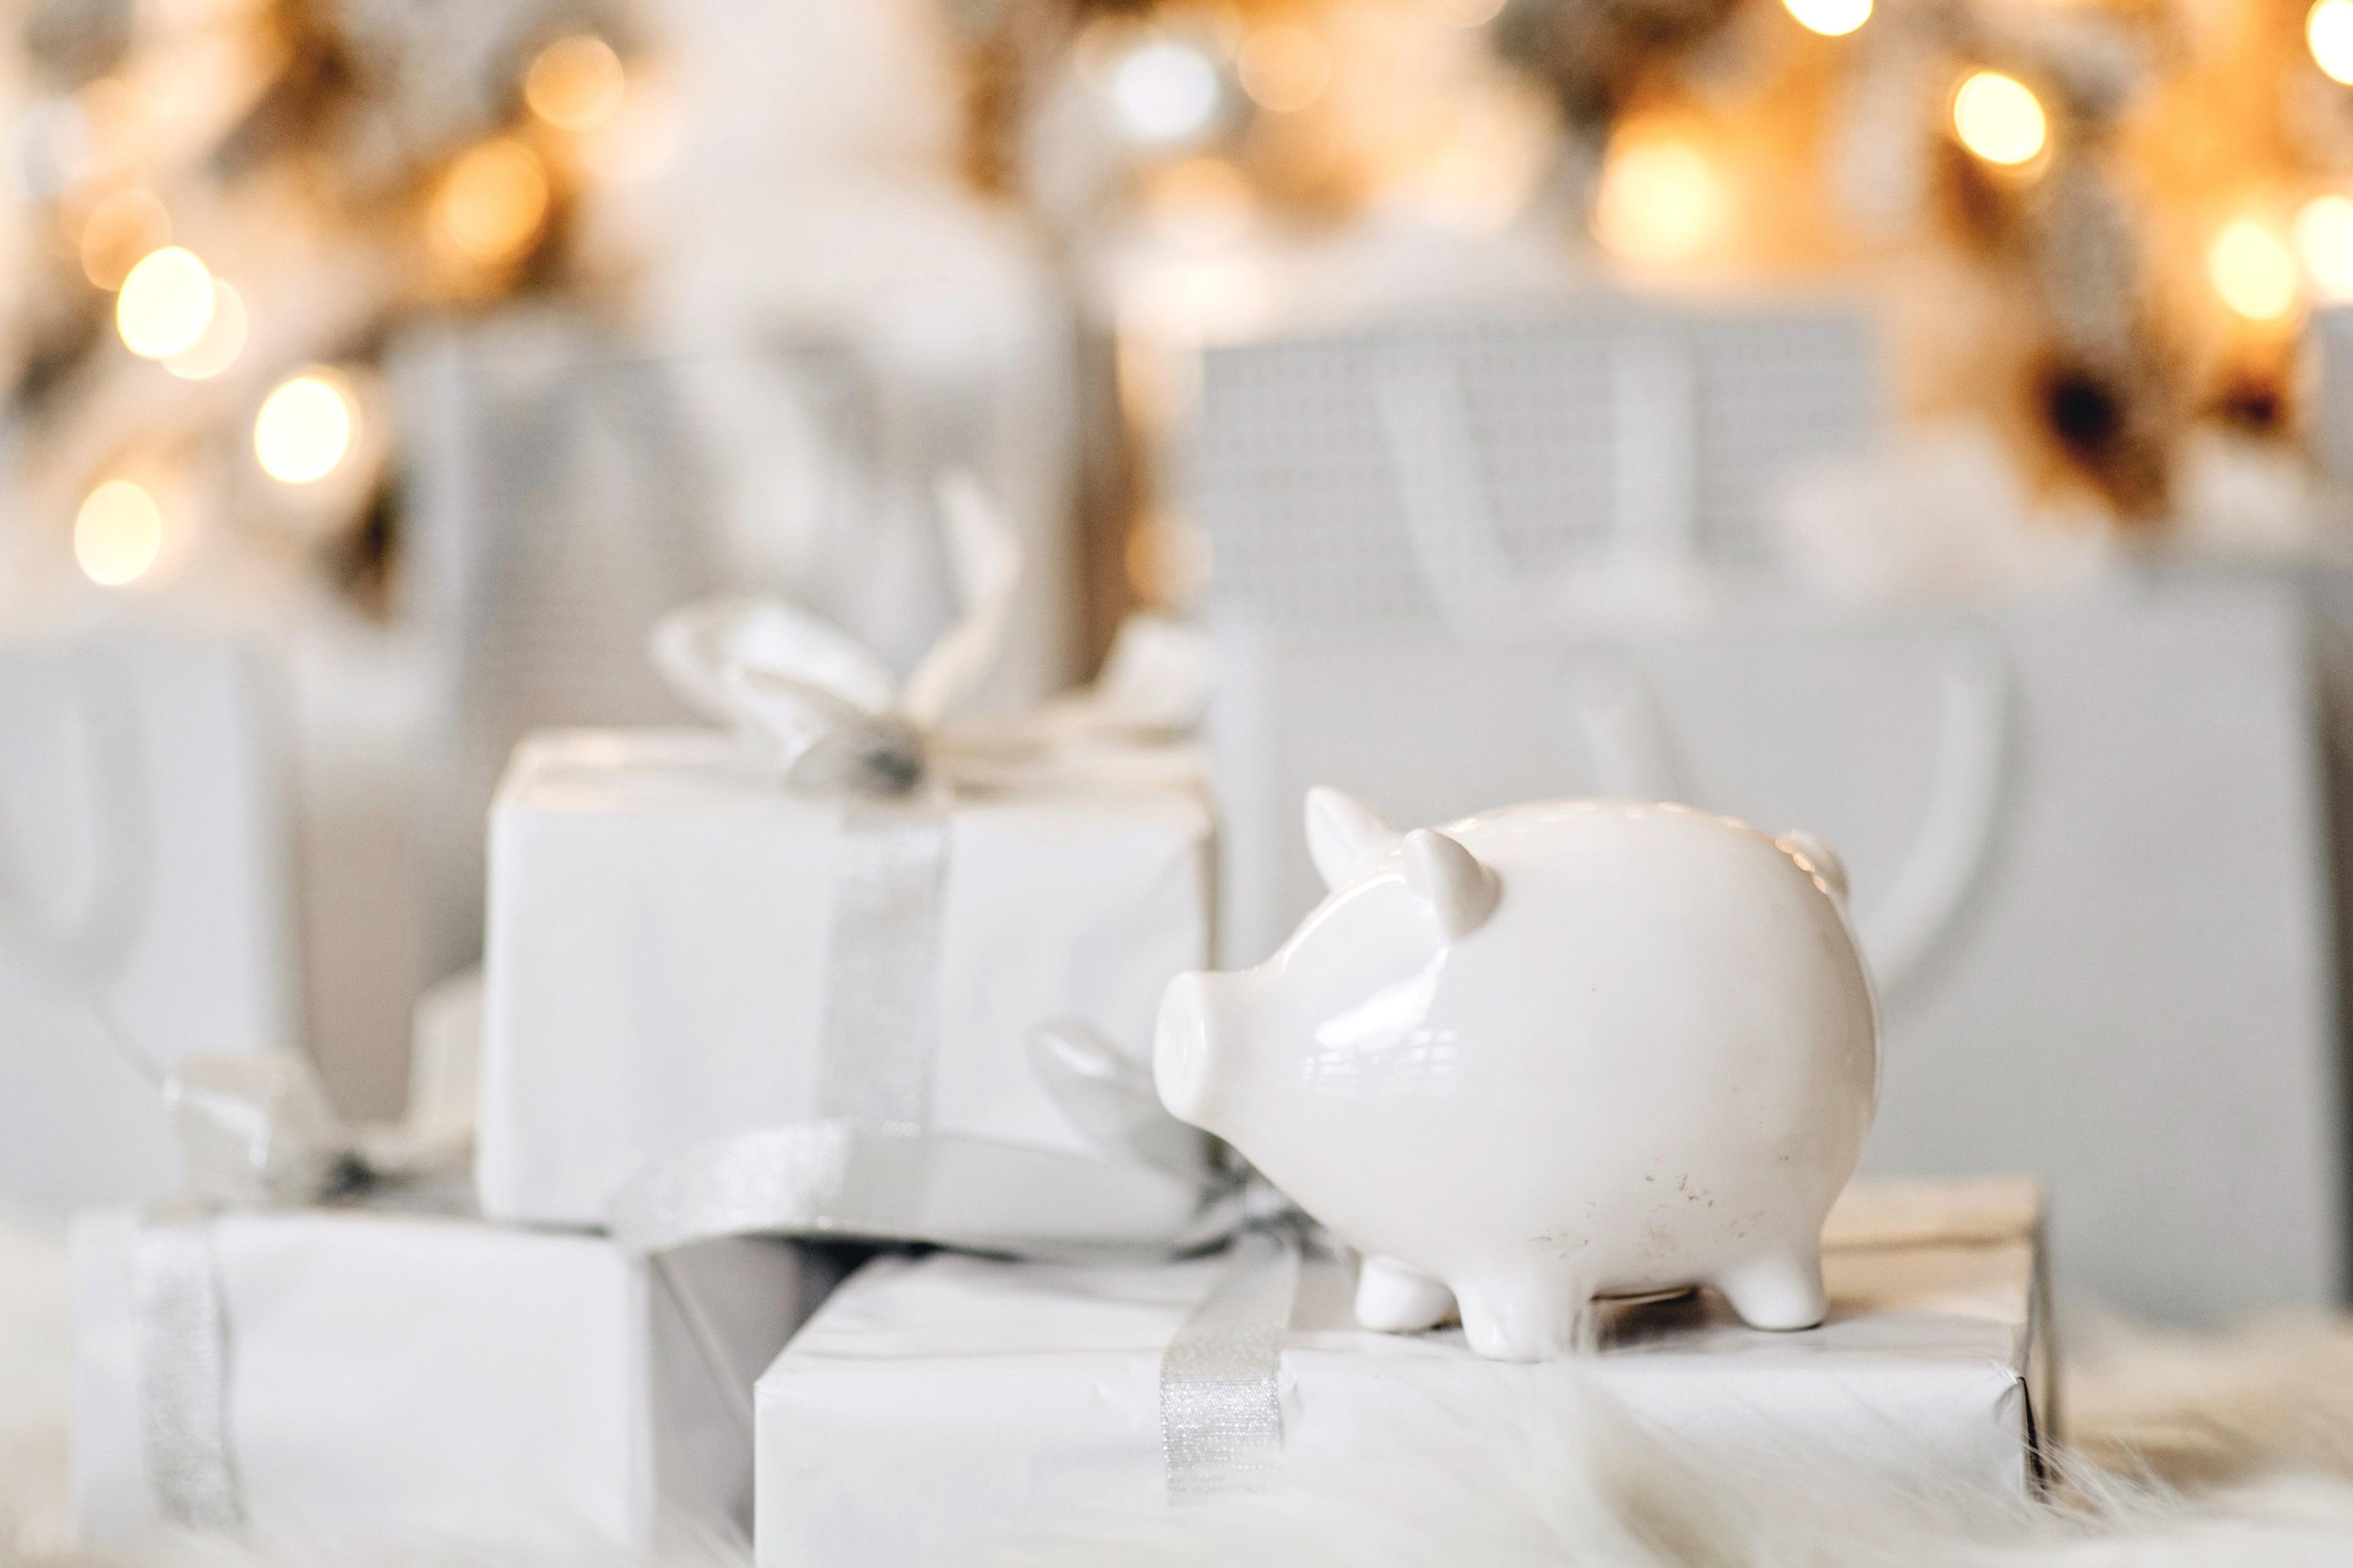 7 dicas para um Natal sem dívidas